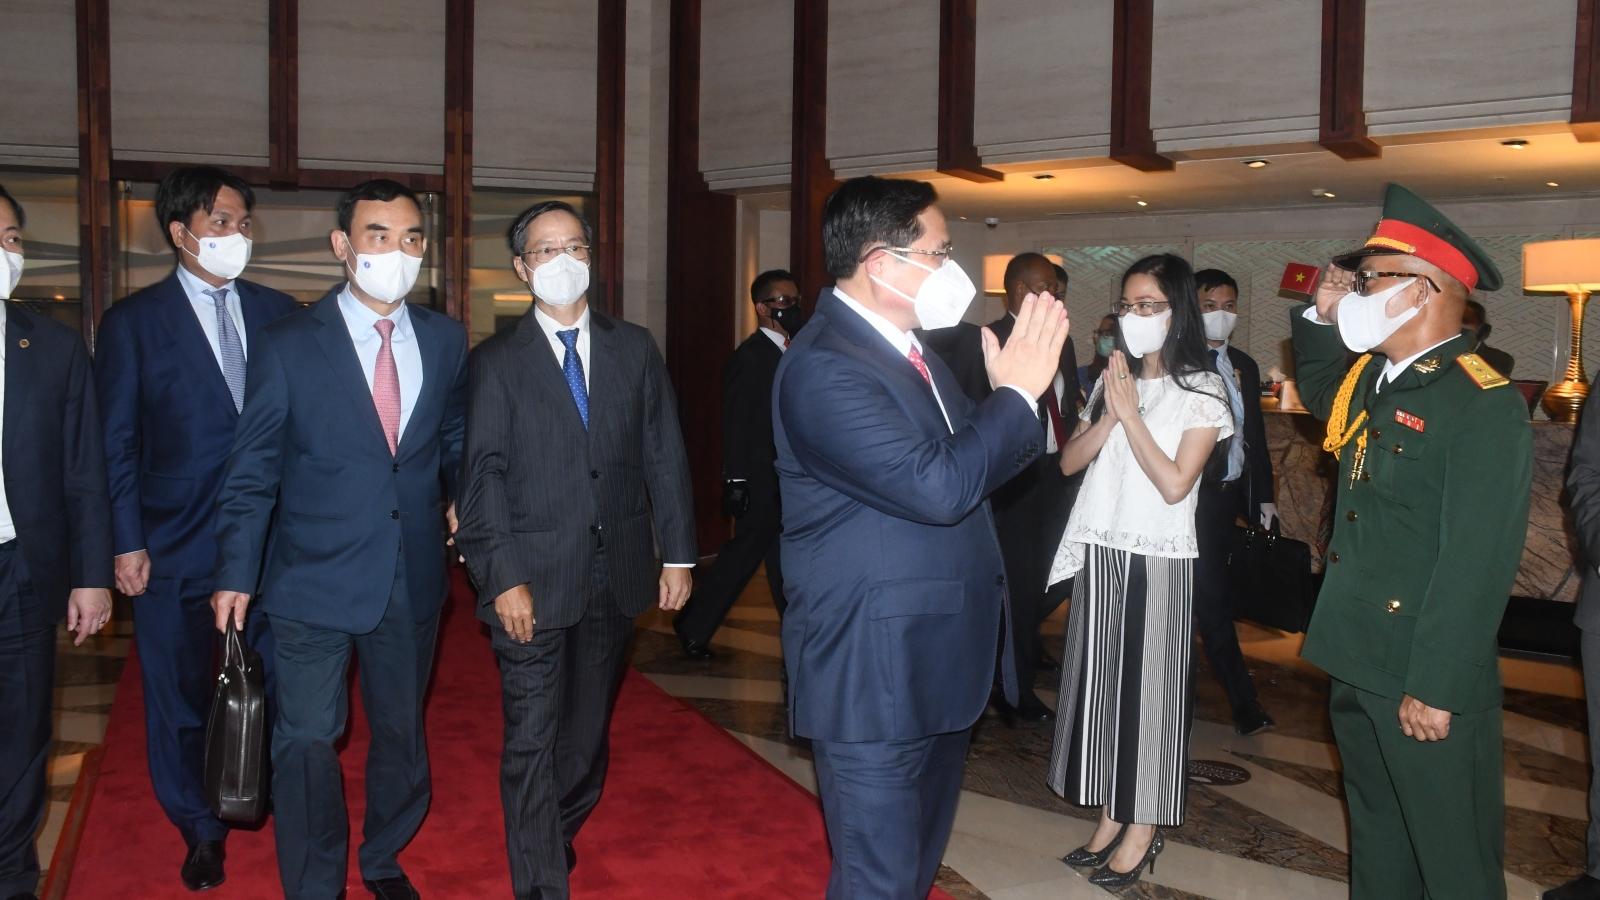 Thủ tướng Phạm Minh Chính tới Indonesia để tham dự Hội nghị các Nhà Lãnh đạo ASEAN